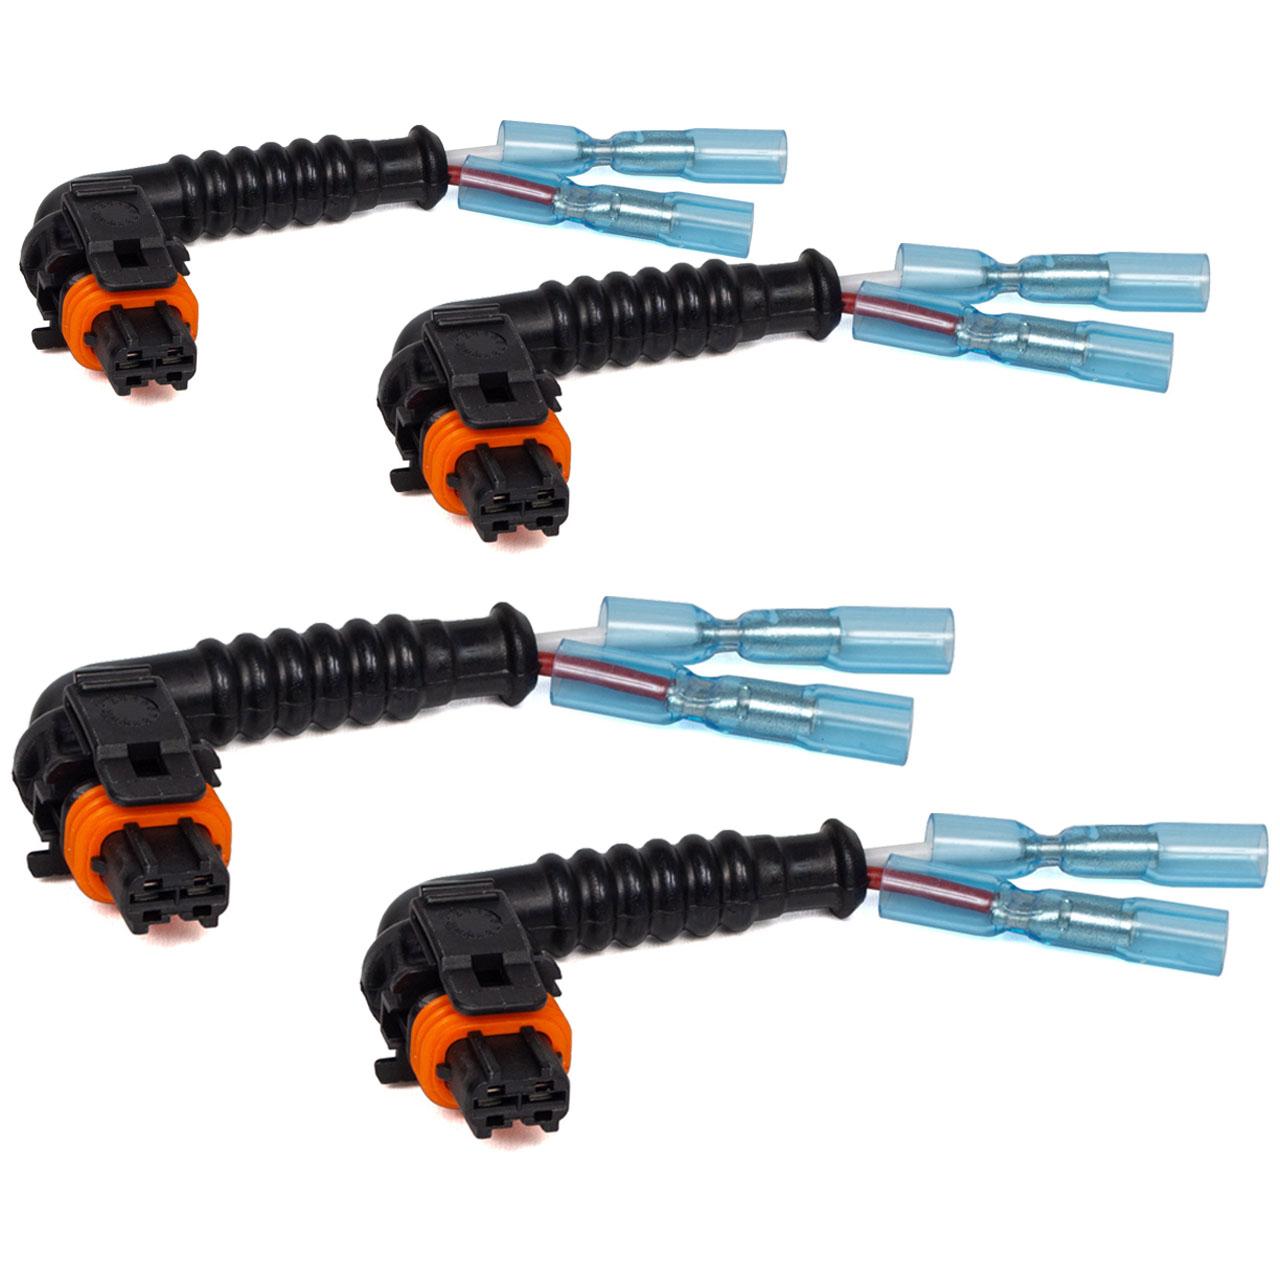 4x Kabel Rep.-Satz mit Stecker für Einspritzdüse Jumper Ducato Boxer 2.8 DIESEL